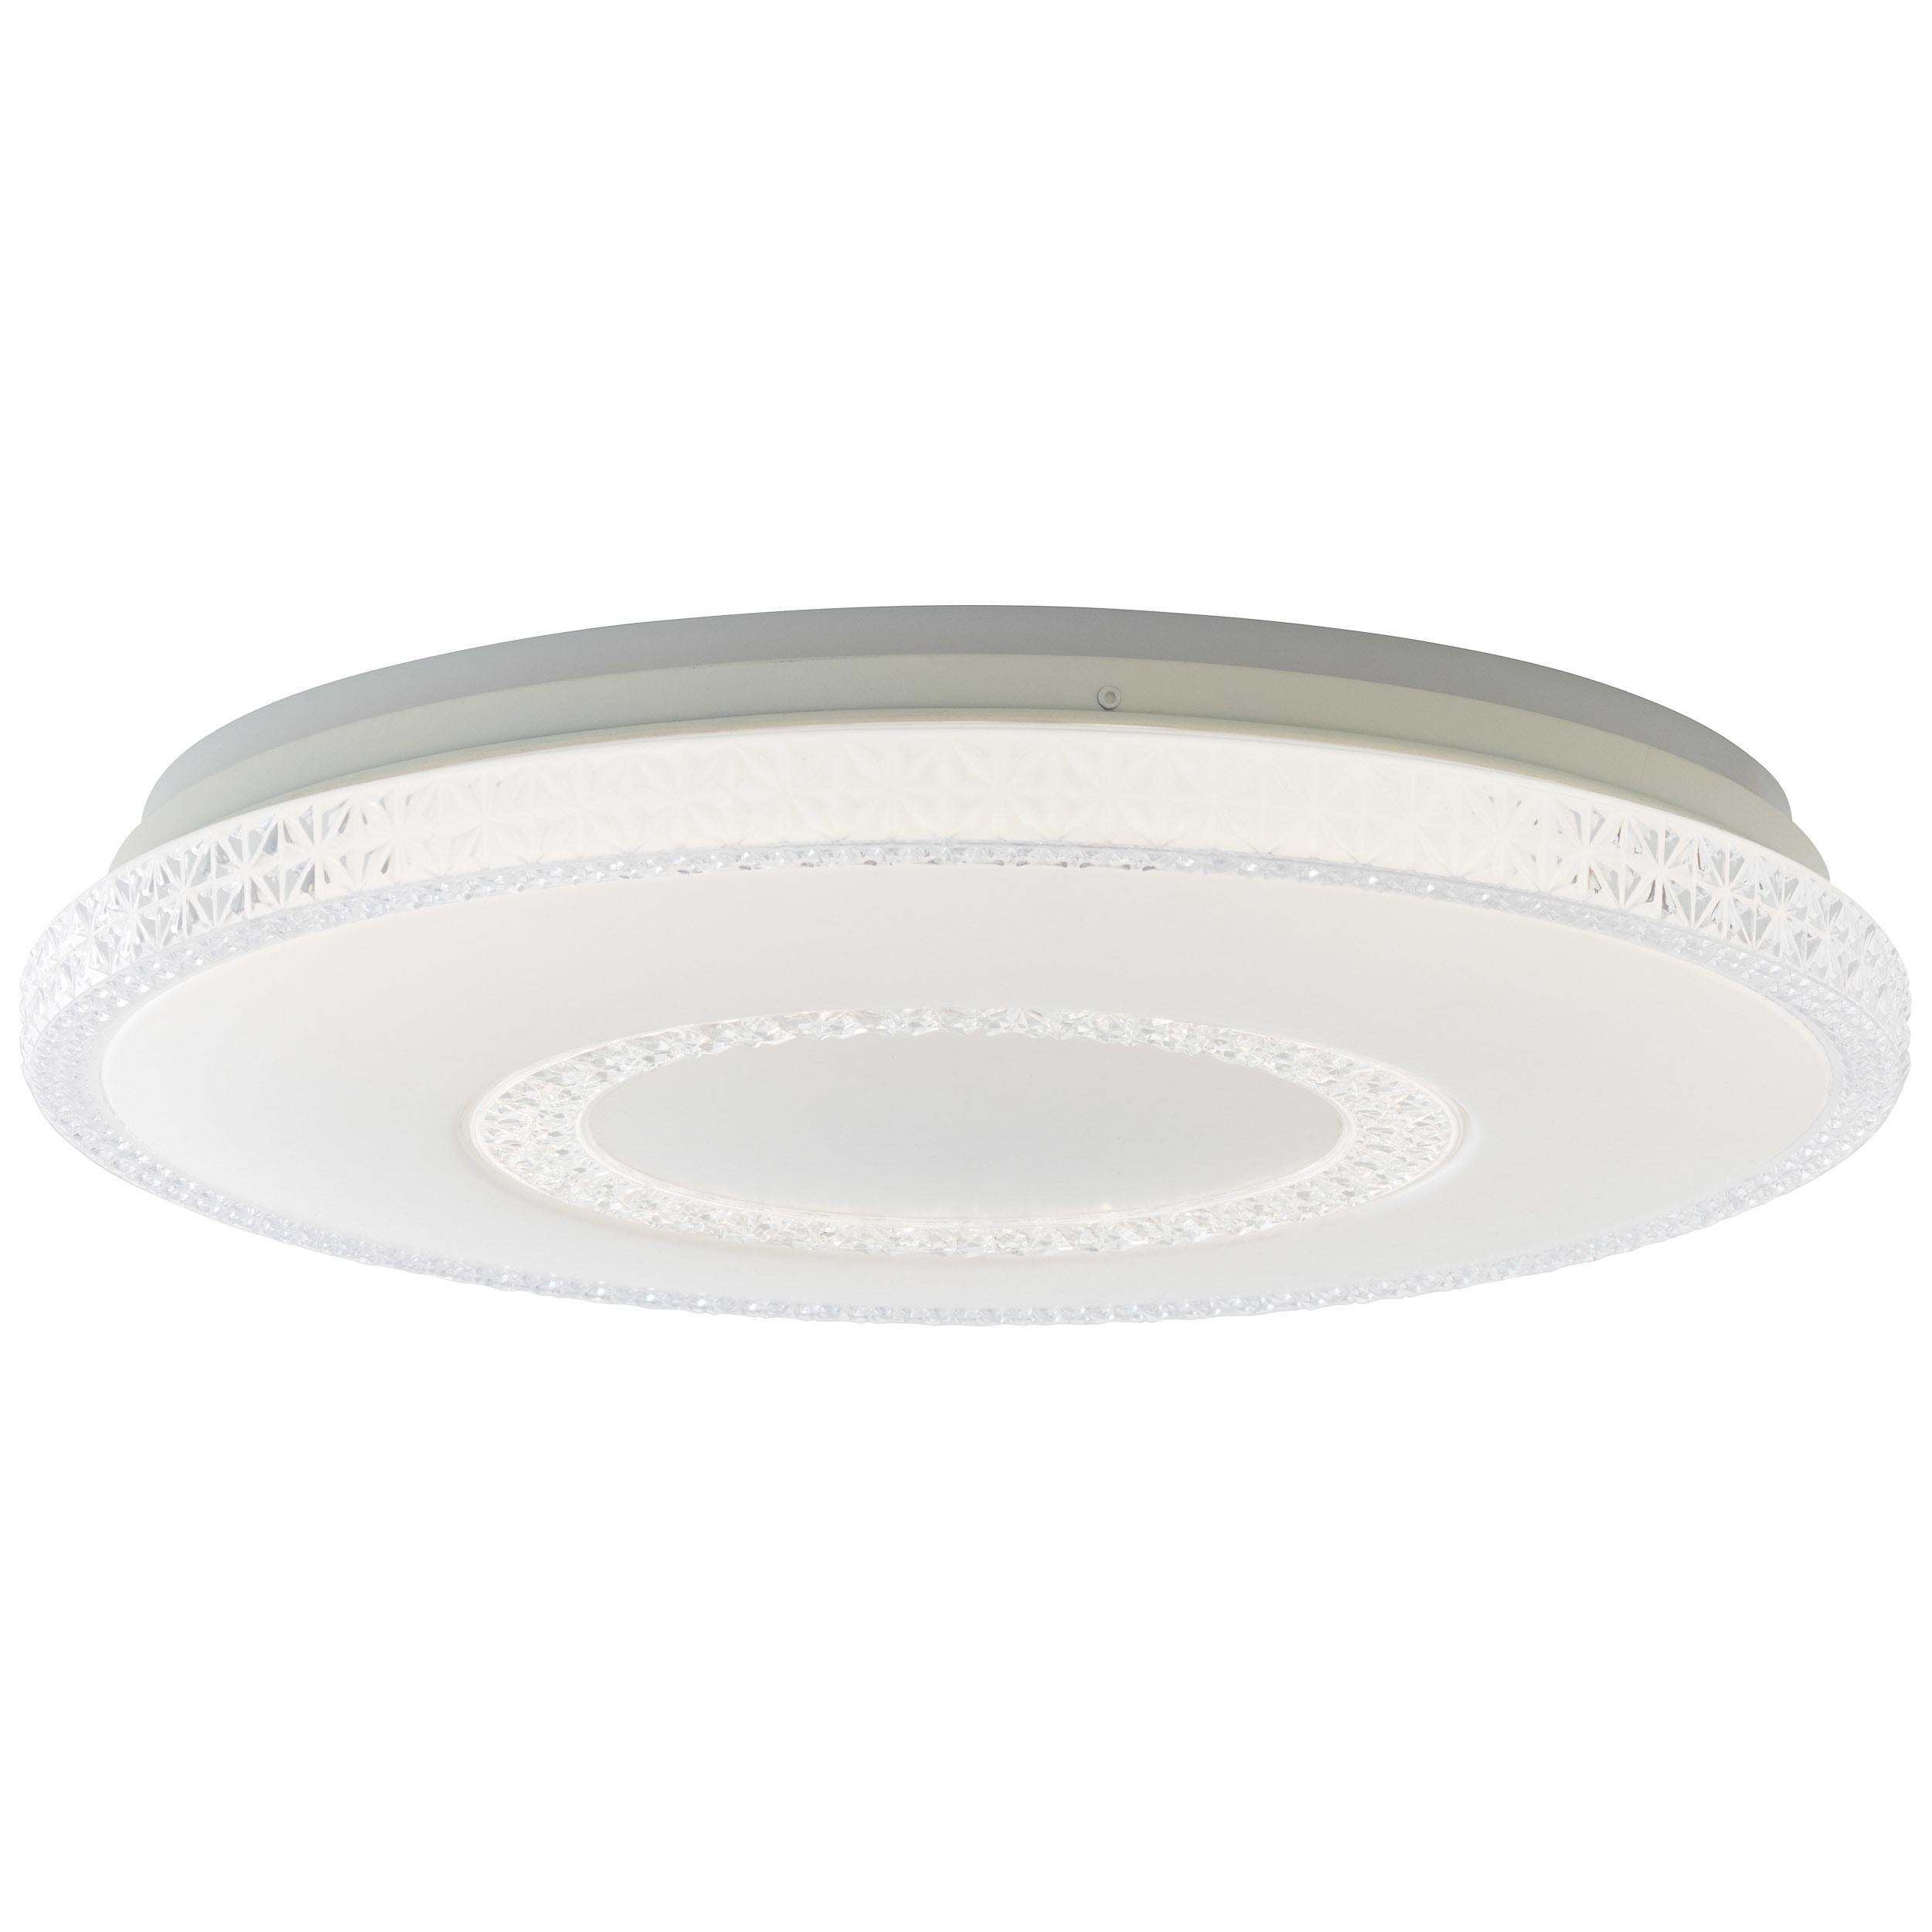 Brilliant Leuchten Susie LED Deckenleuchte 50cm weiß